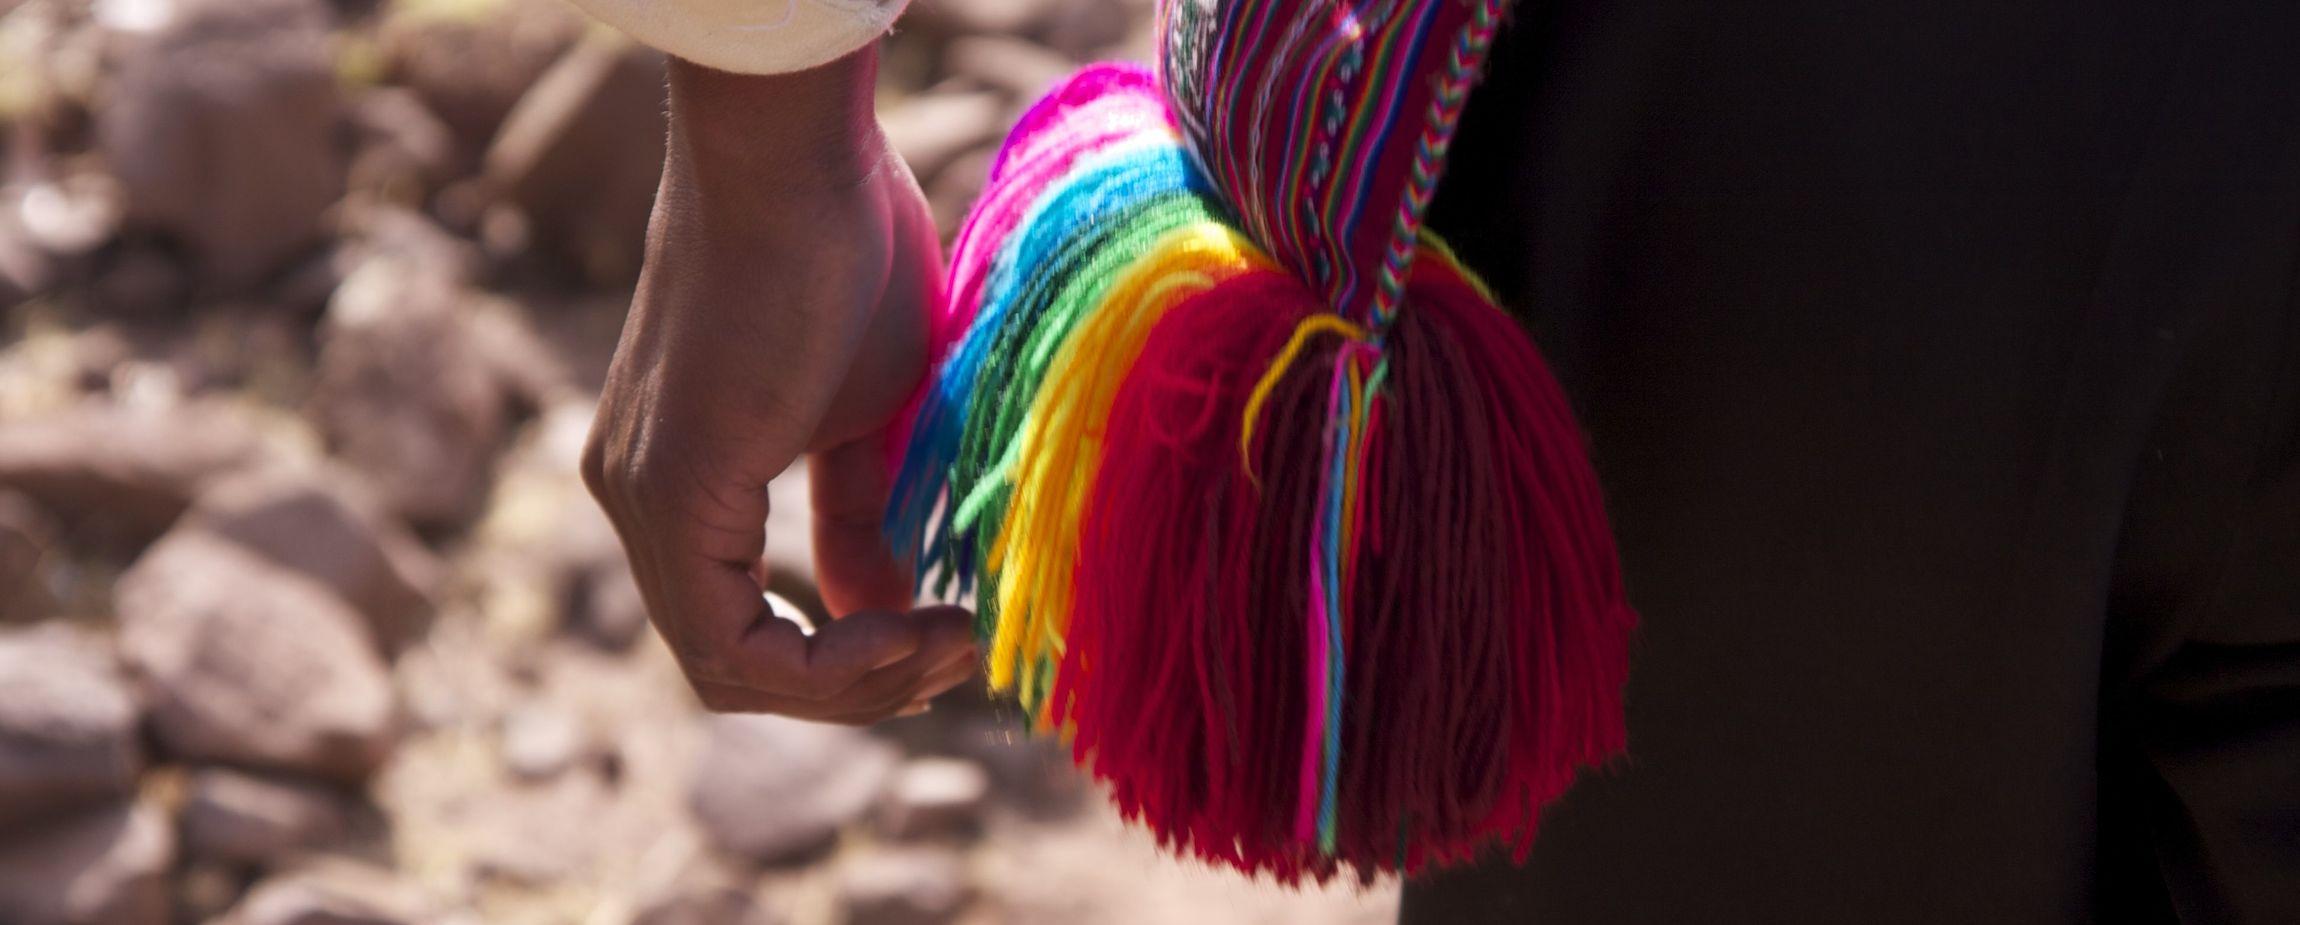 viaggi 4x4 in peru-4isla taquile_Titicaca_peru4x4.it_peruresponsabile.jpg